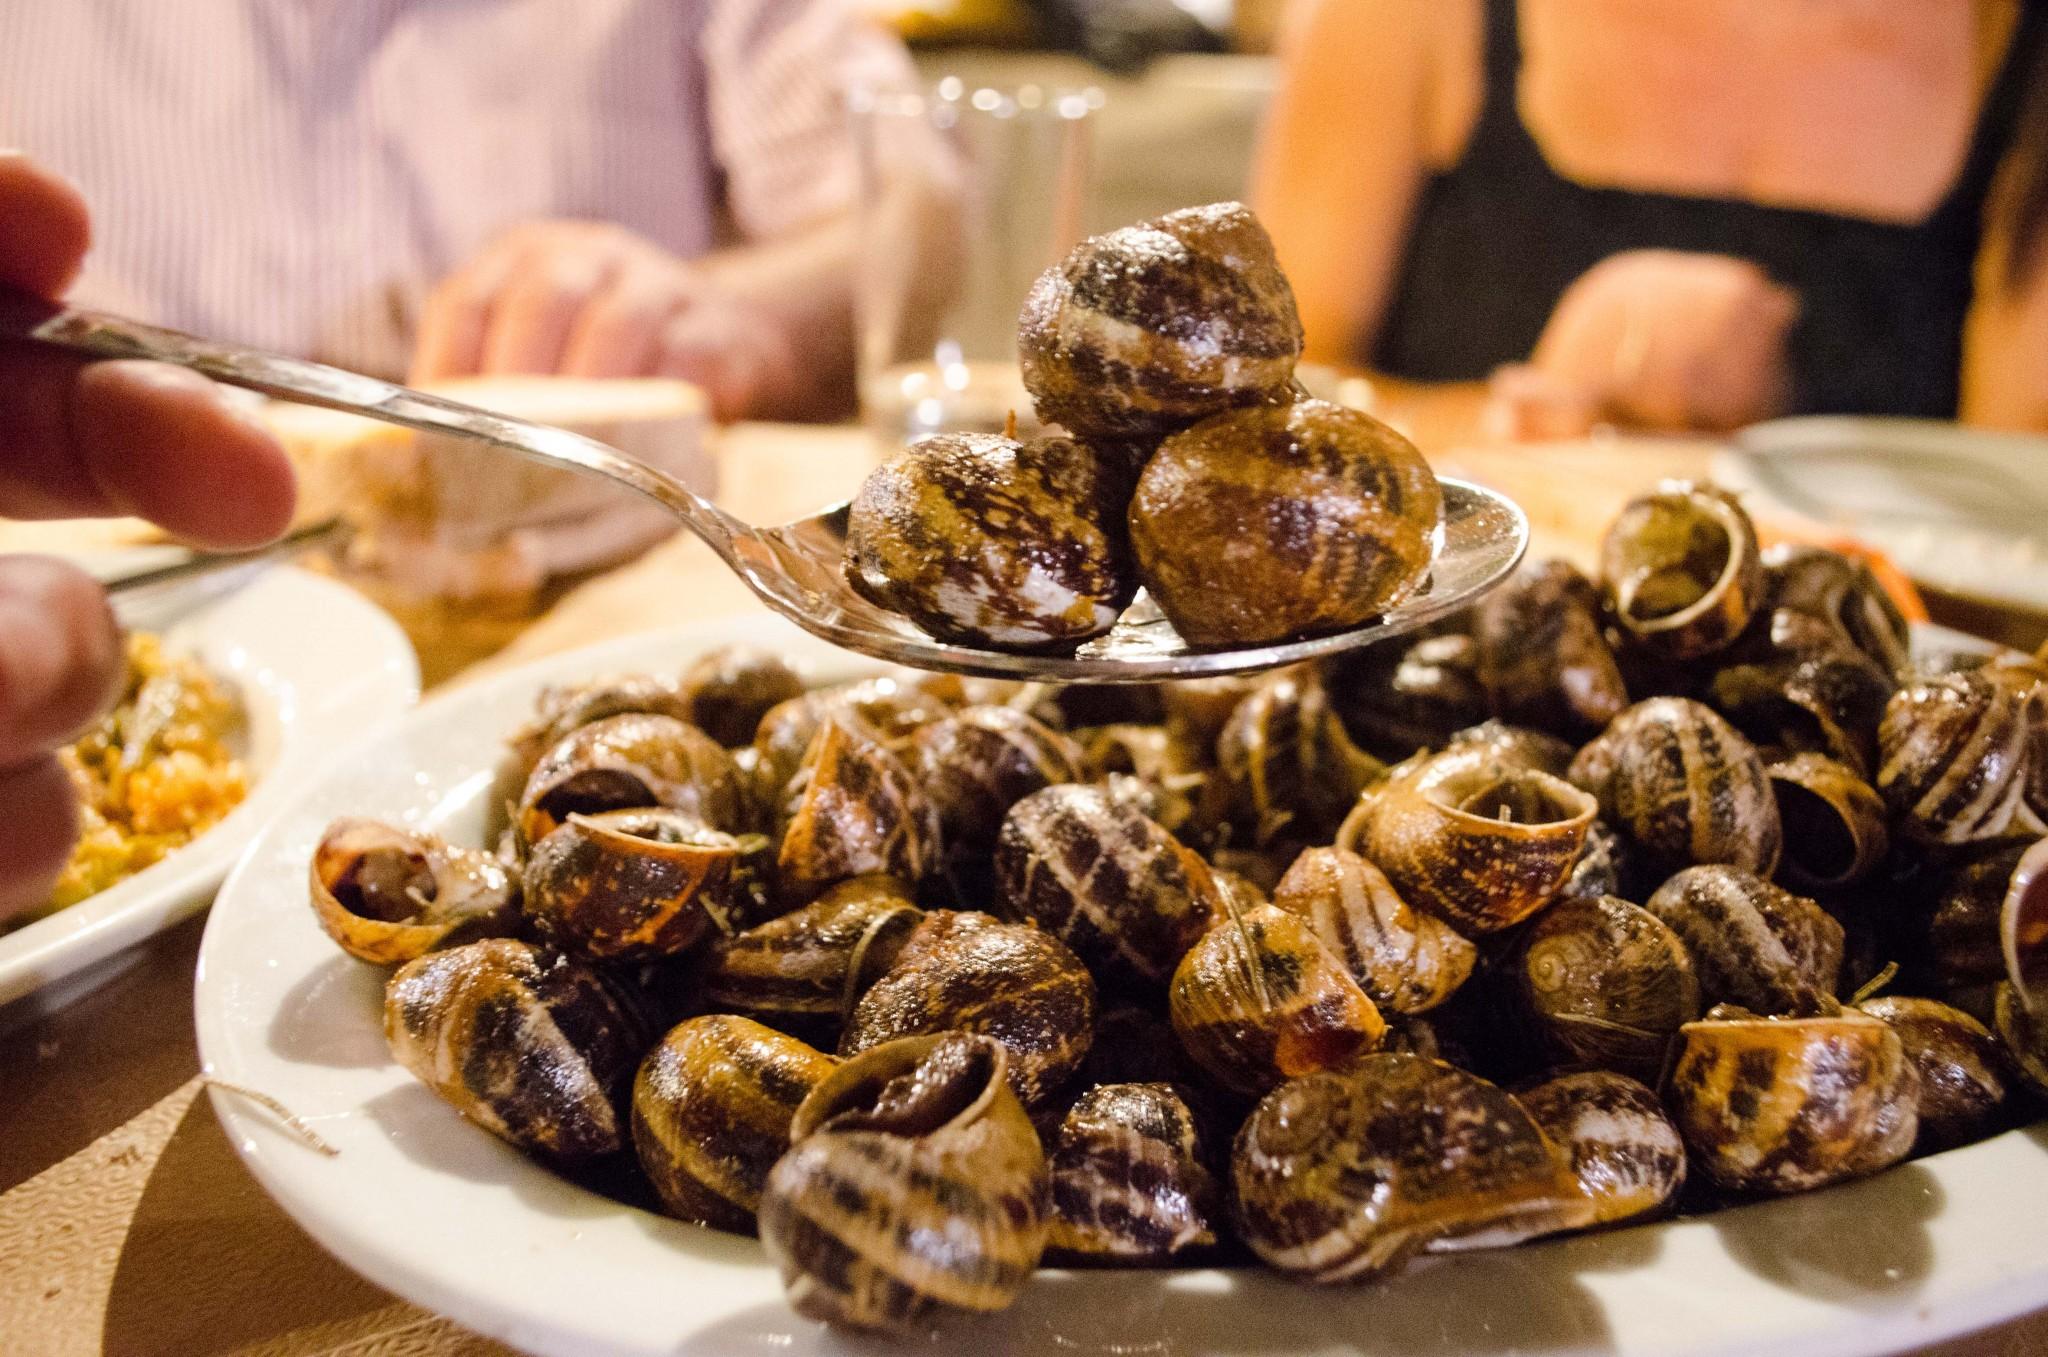 Snails -2